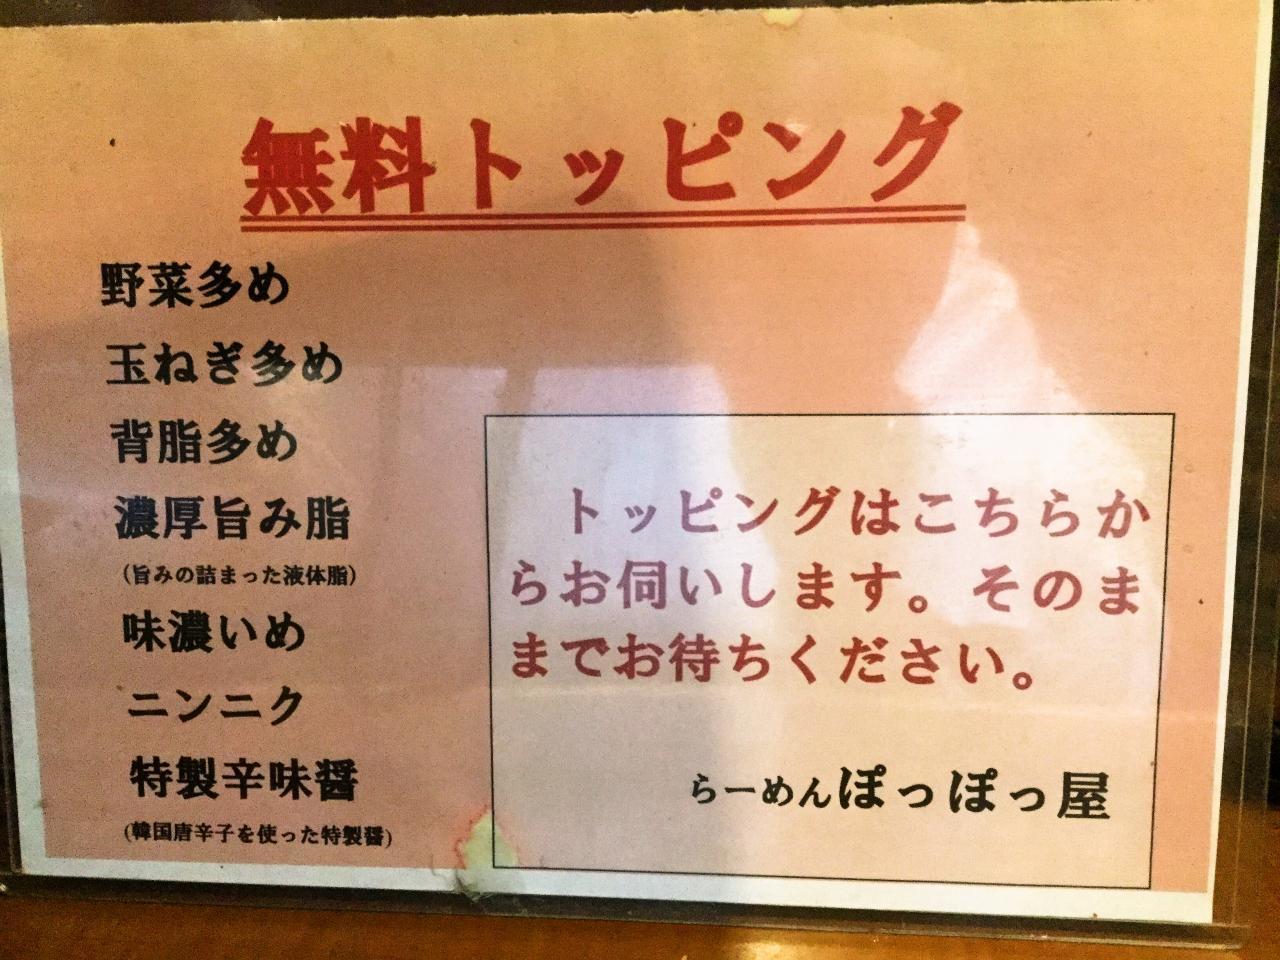 らーめん ぽっぽ屋(トッピング)